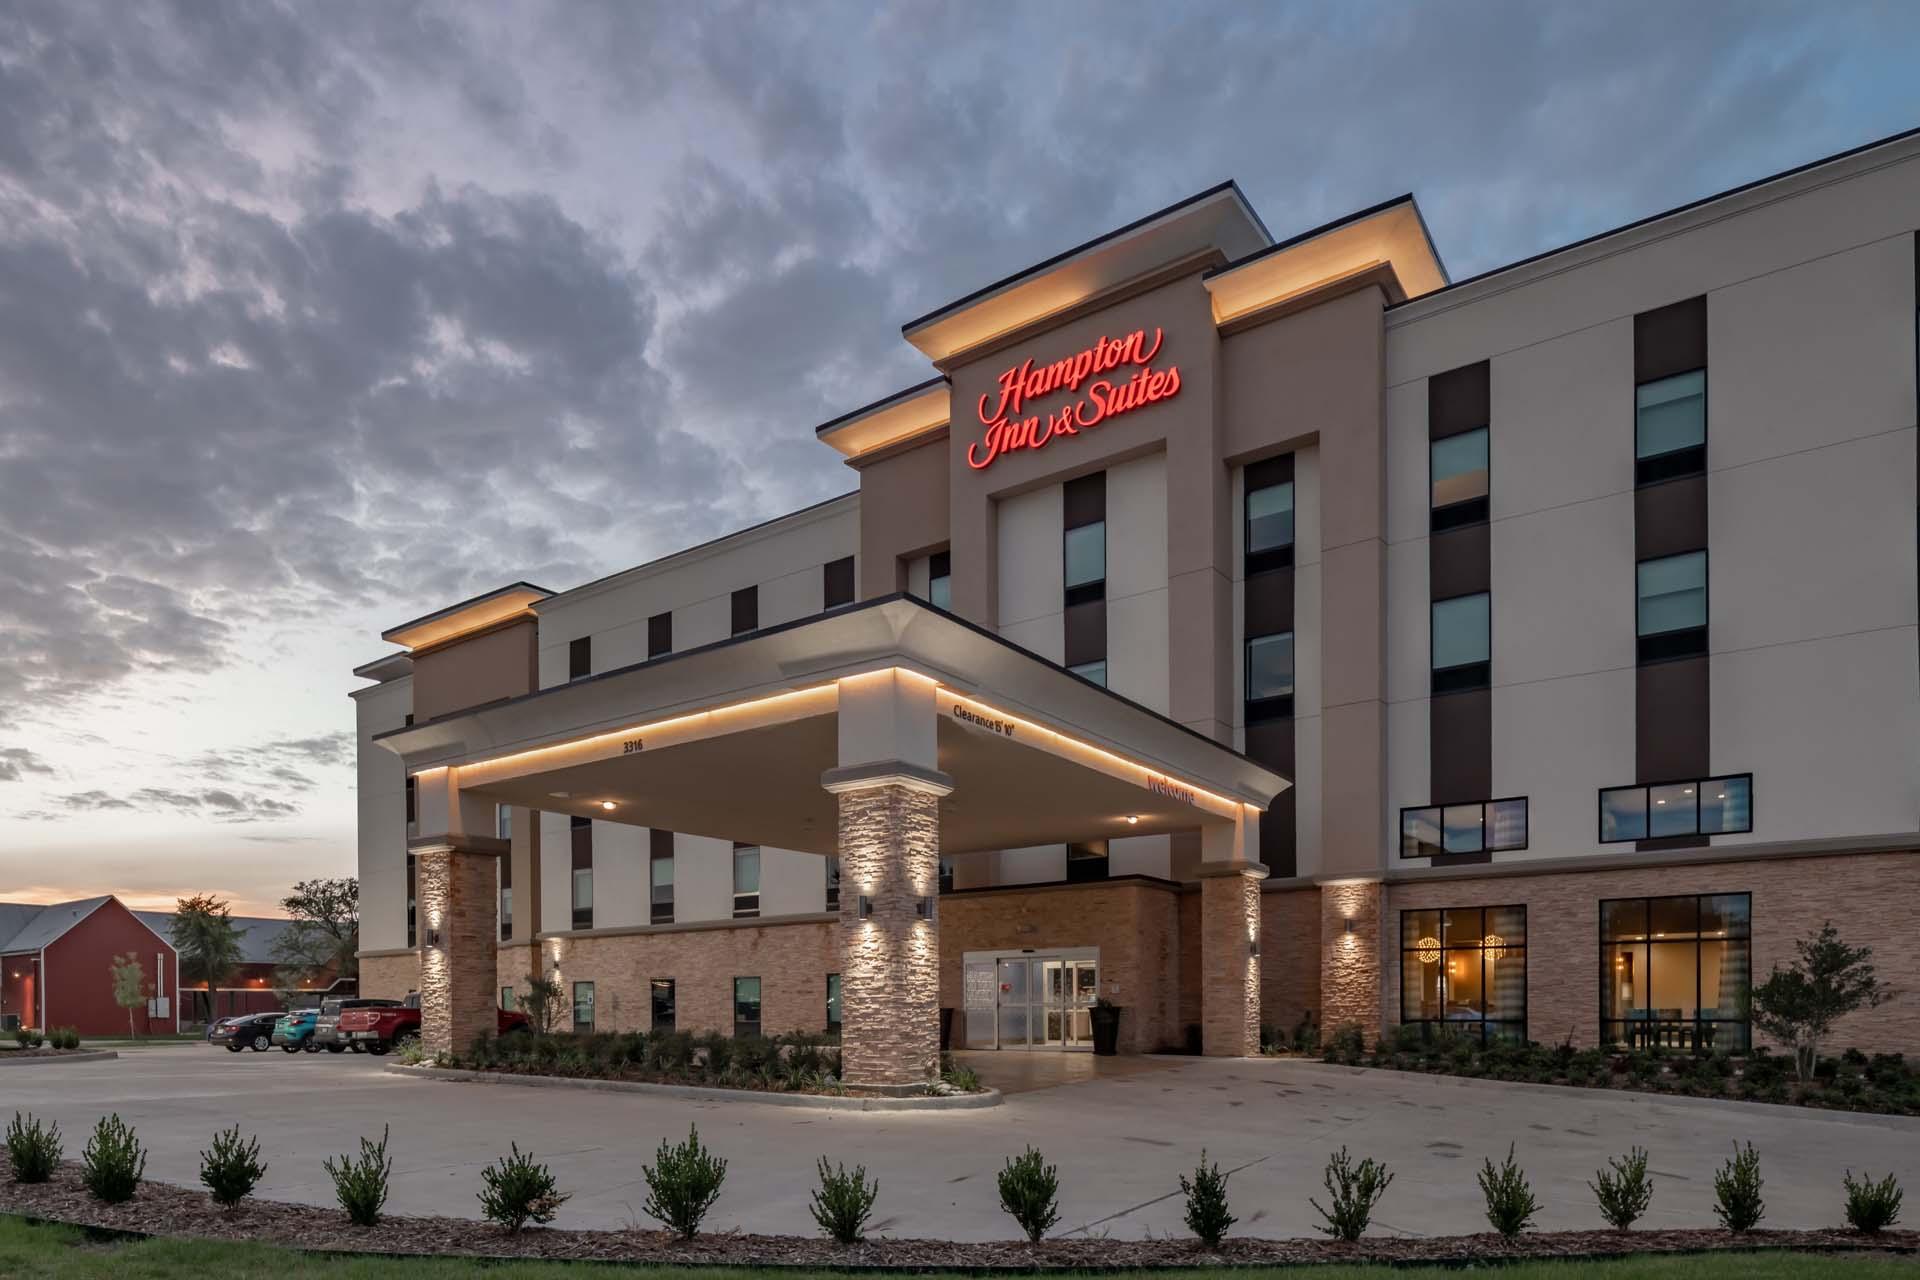 Hotels hampton inn generic 2